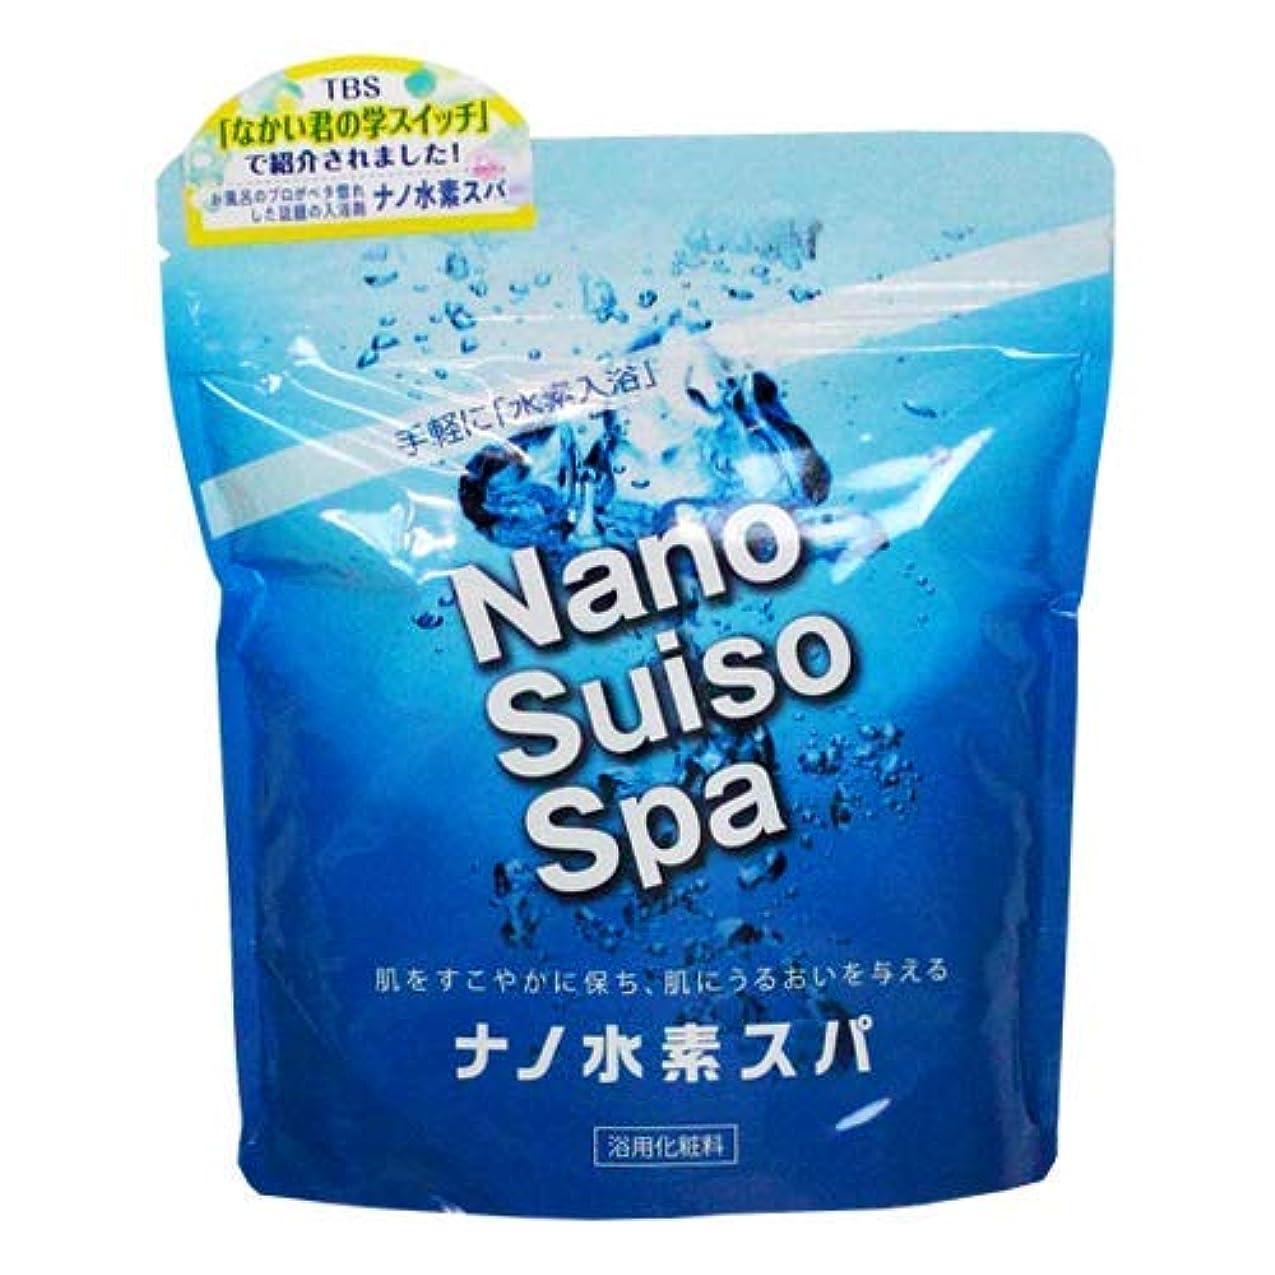 ゆるくクッション整理するナノ水素スパ1000g 高濃度水素発生入浴用